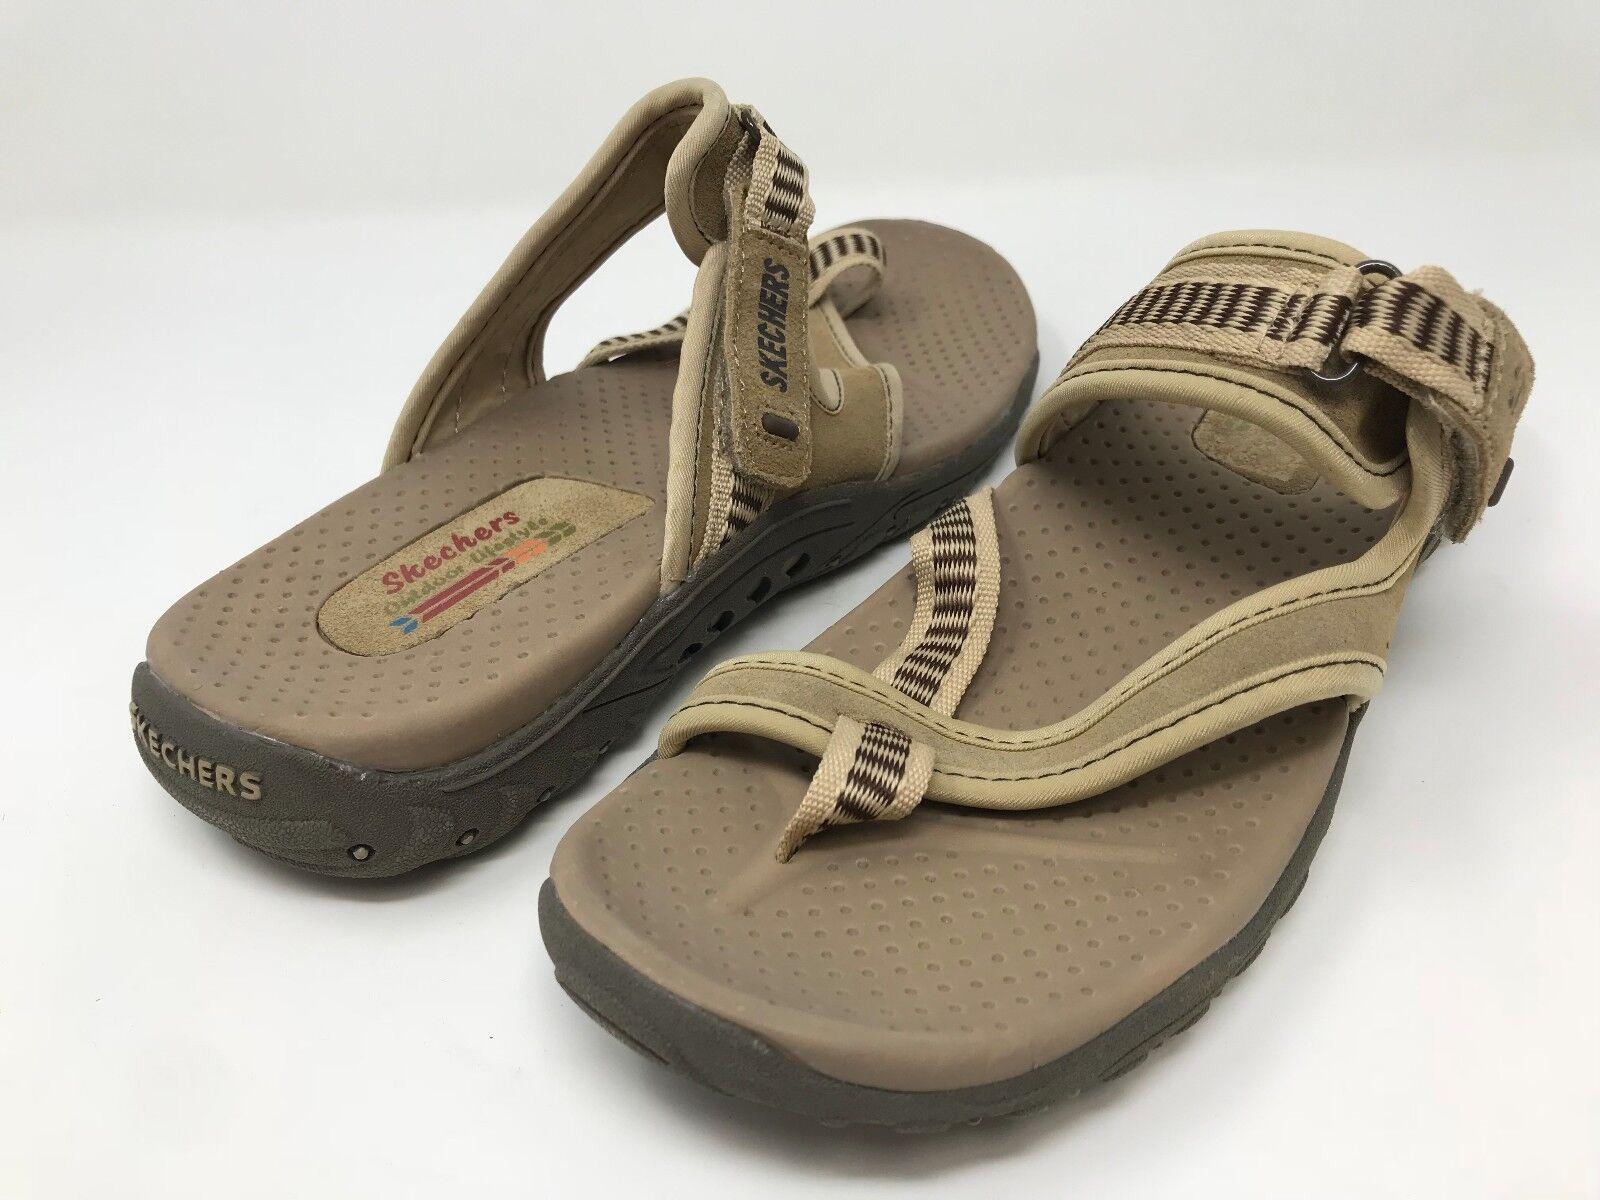 NEW ALDO Dolci Espadrille Slide Sandal, Gold Embossed Leather, Women Size 9